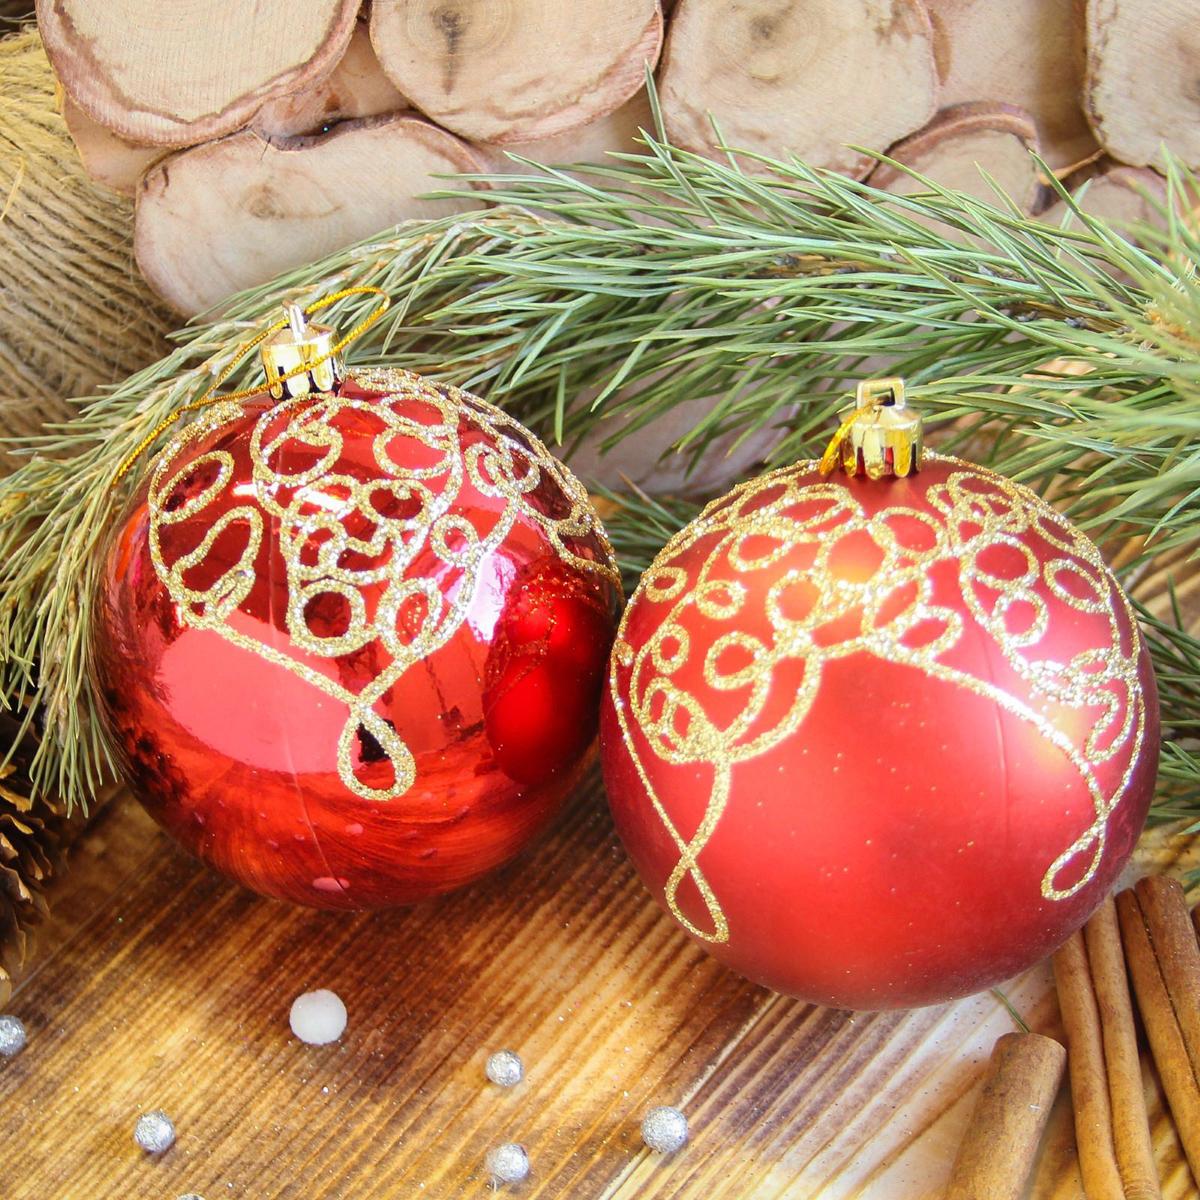 Набор новогодних подвесных украшений Sima-land Кружева, цвет: красный, диаметр 8 см, 6 шт2122980Невозможно представить нашу жизнь без праздников! Мы всегда ждём их и предвкушаем, обдумываем, как проведём памятный день, тщательно выбираем подарки и аксессуары, ведь именно они создают и поддерживают торжественный настрой.